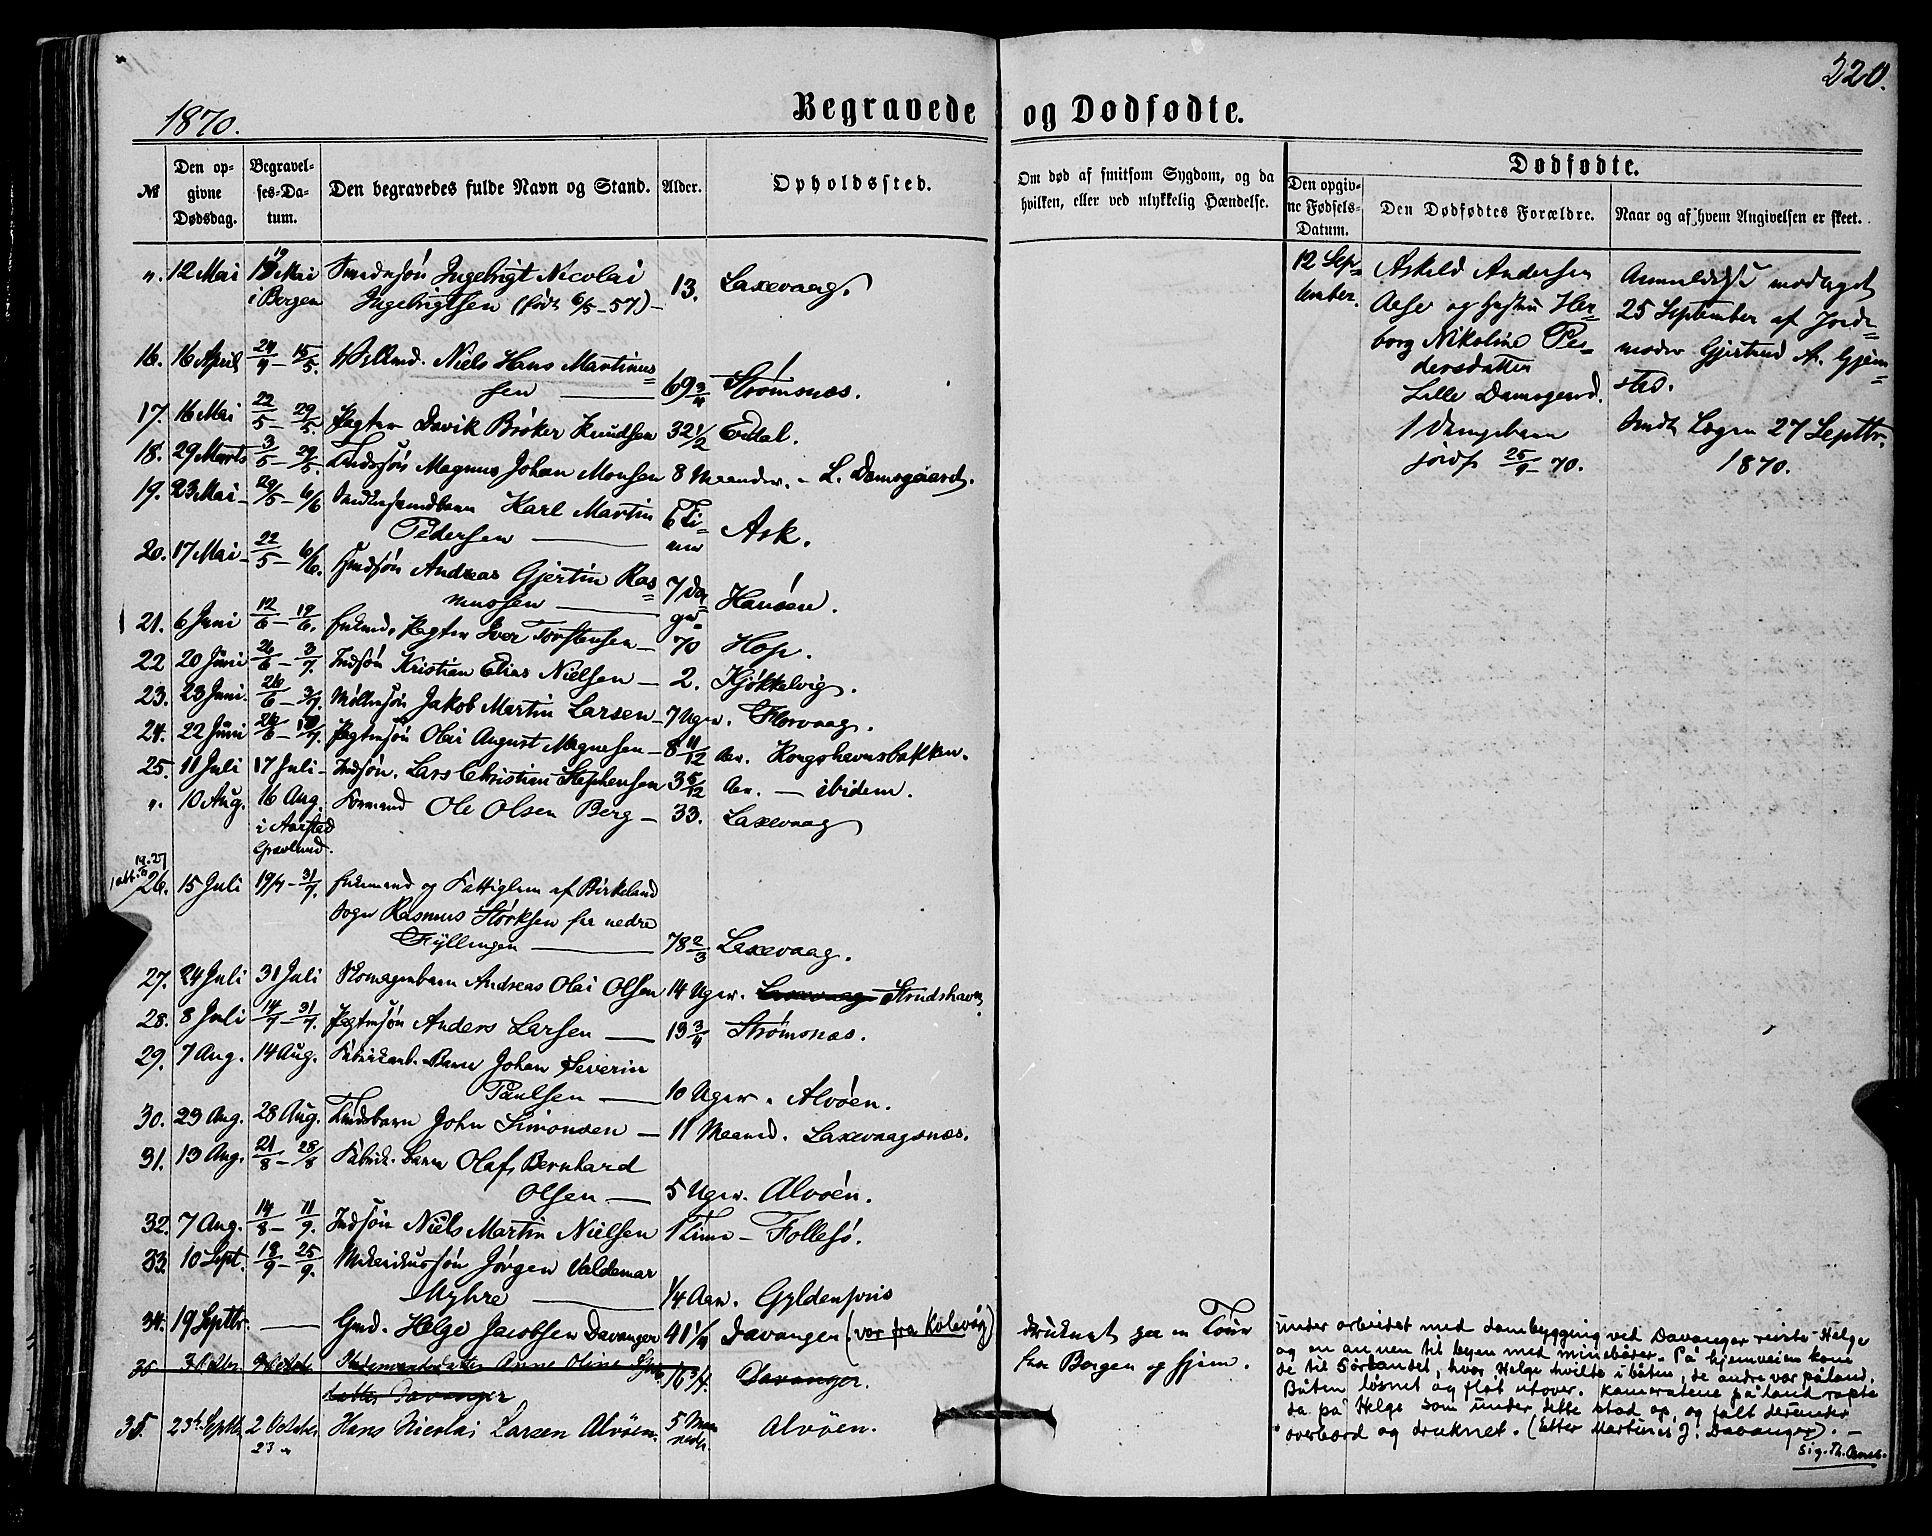 SAB, Askøy Sokneprestembete, H/Ha/Haa/Haaa/L0009: Ministerialbok nr. A 9, 1863-1877, s. 220